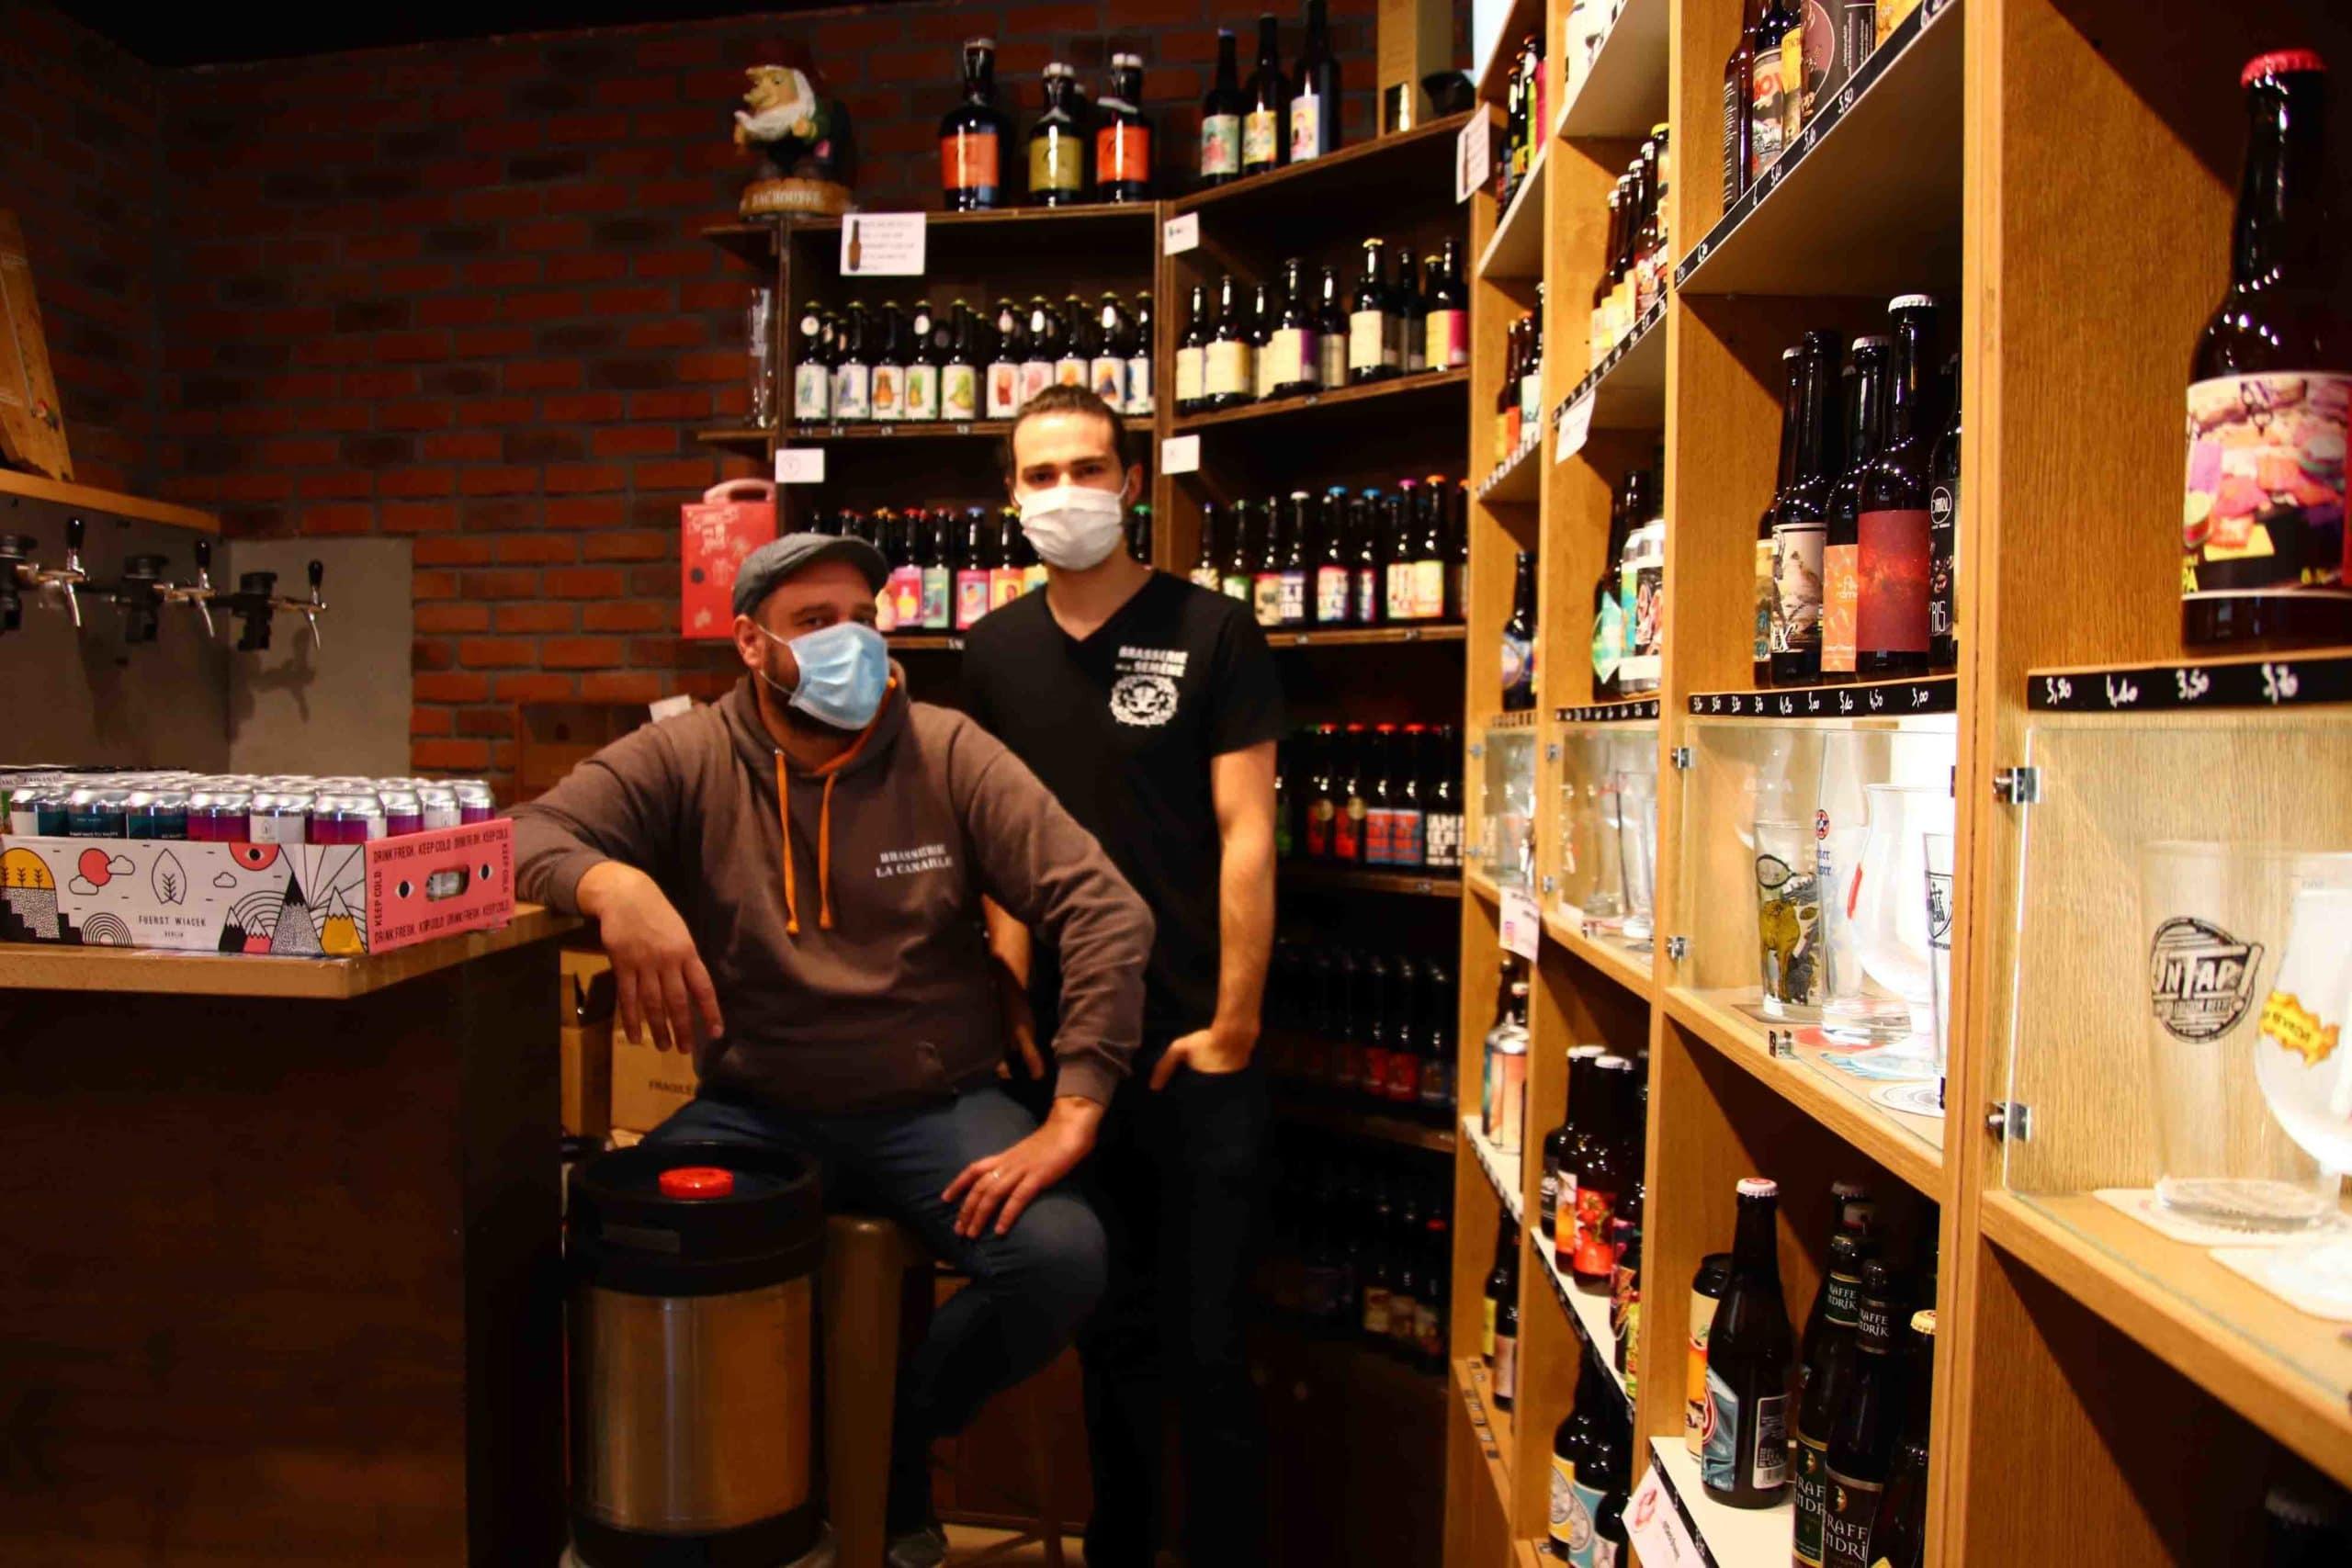 Boutique Geek and beers à Sain-Etienne durant la confinement